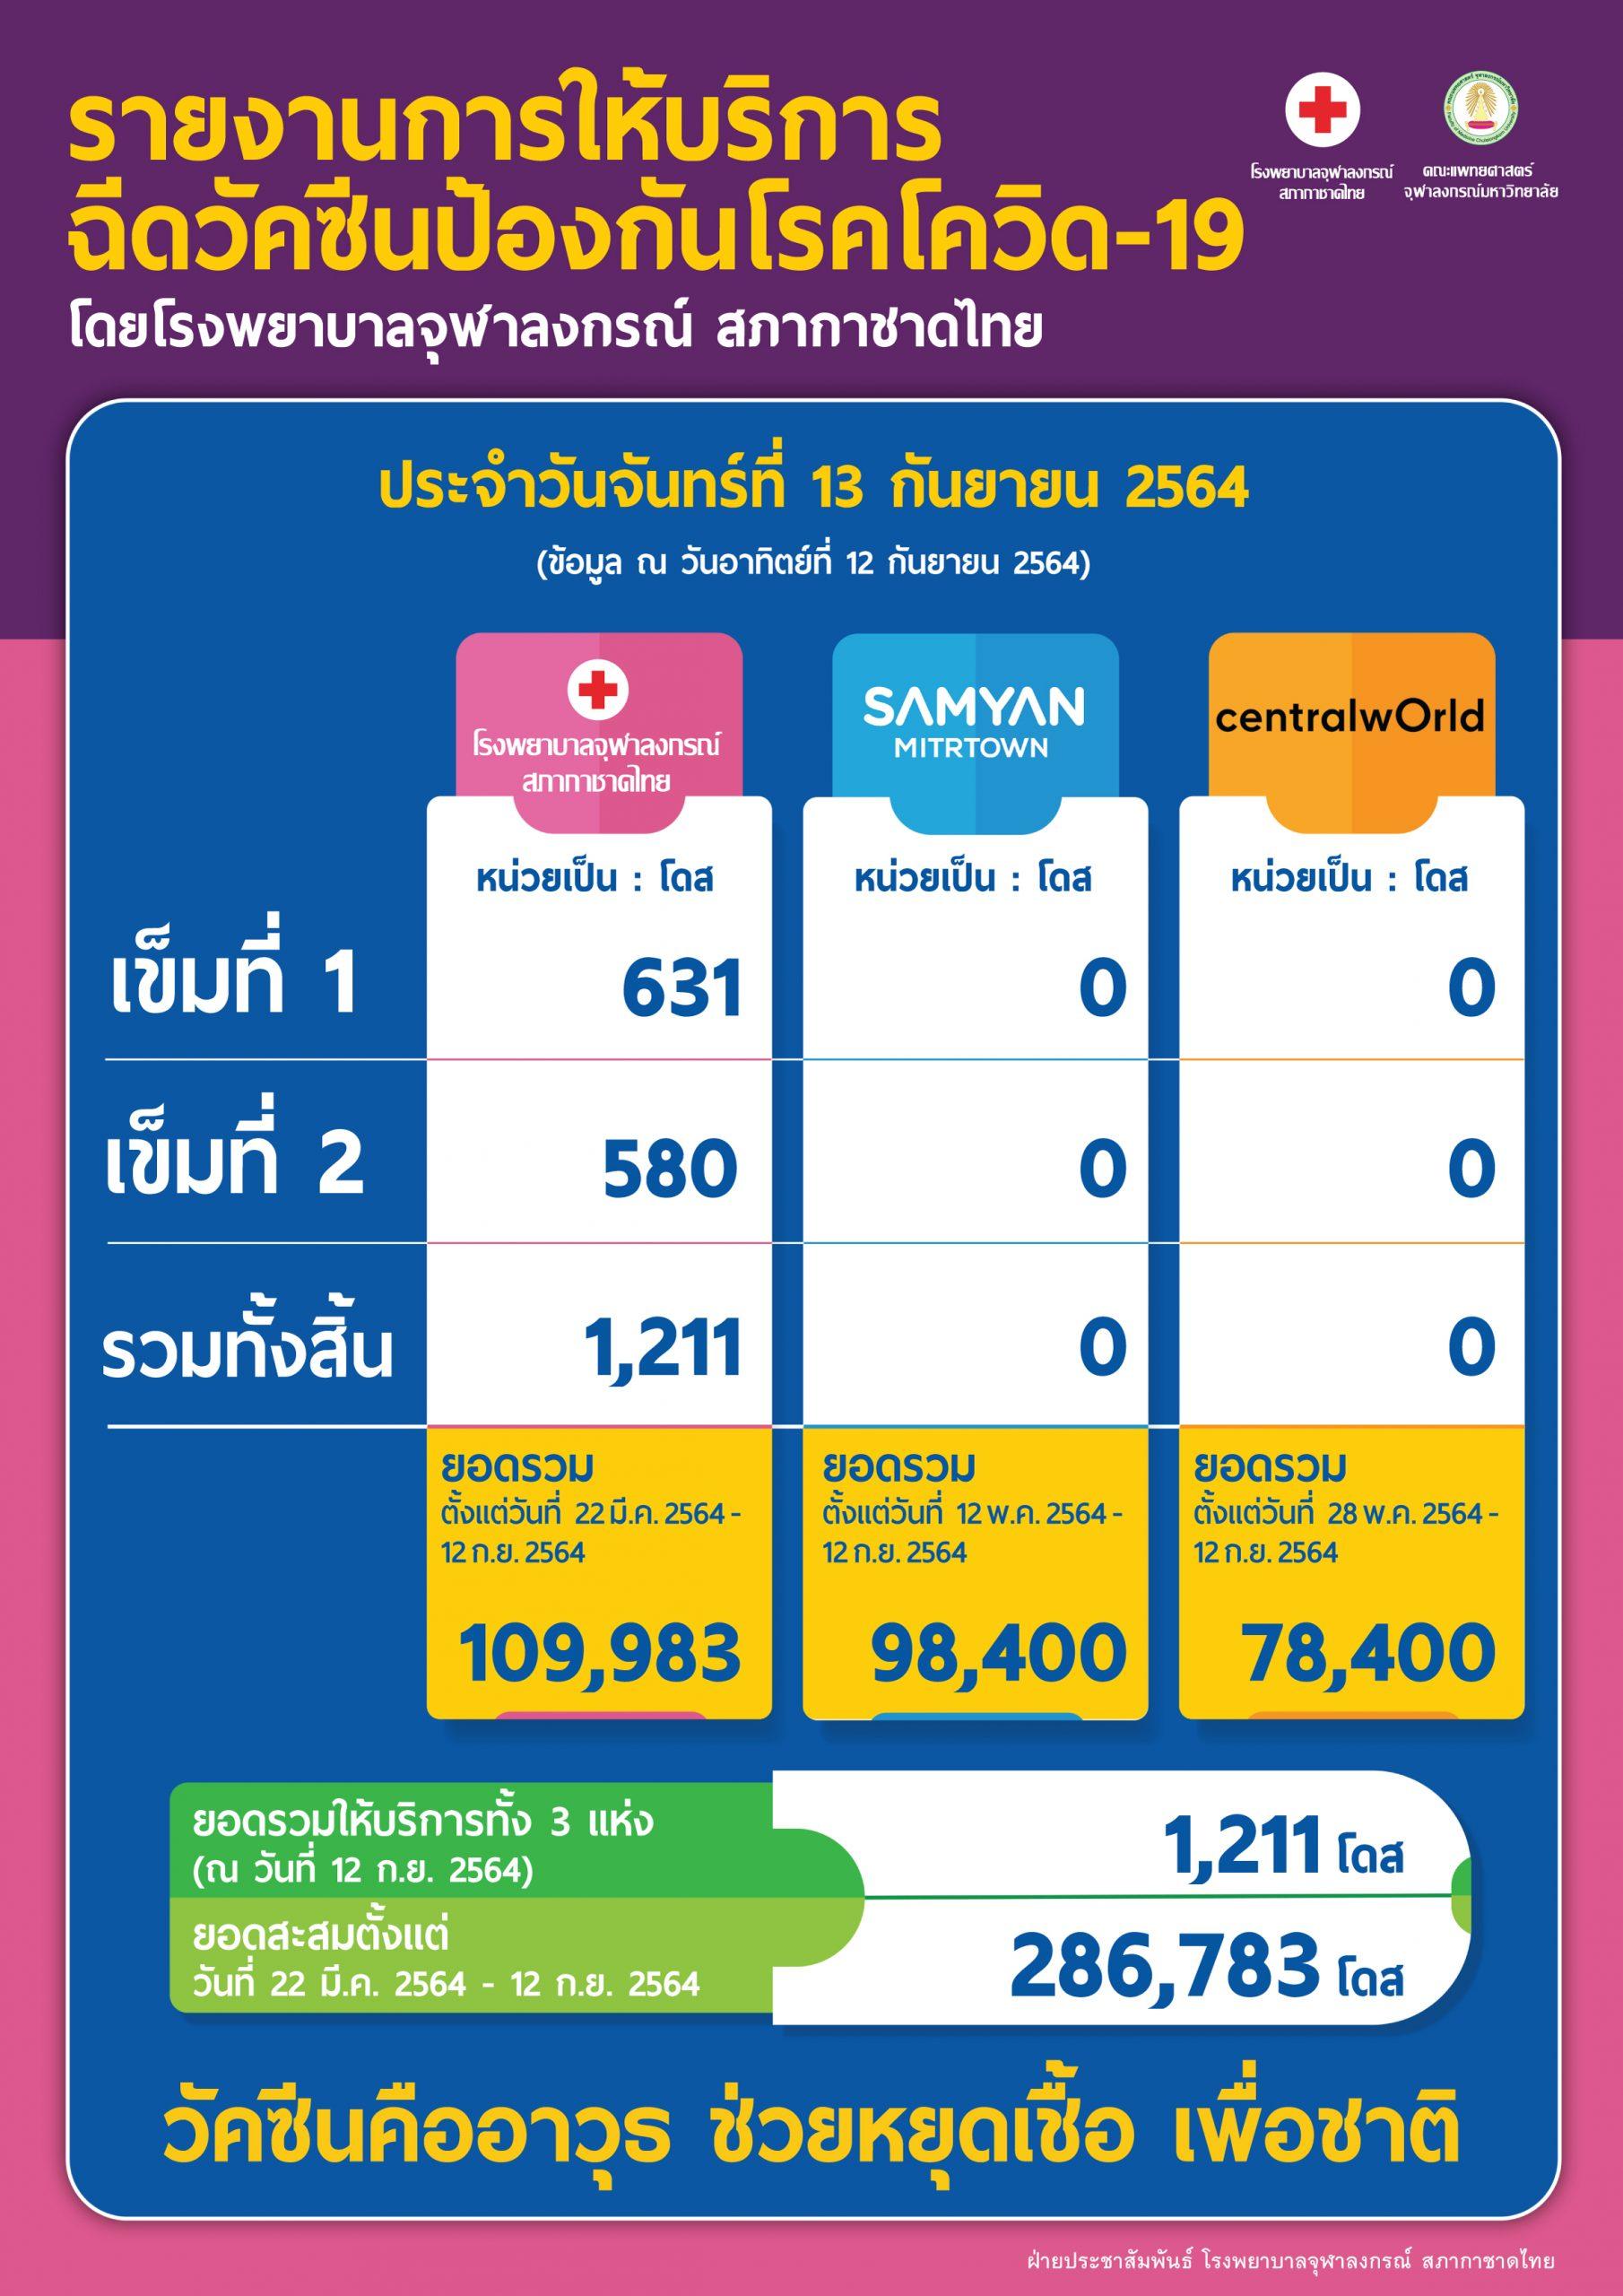 รายงานการให้บริการฉีดวัคซีนป้องกันโรคโควิด-19 โดยโรงพยาบาลจุฬาลงกรณ์ สภากาชาดไทย ประจำวันจันทร์ที่ 13 กันยายน 2564